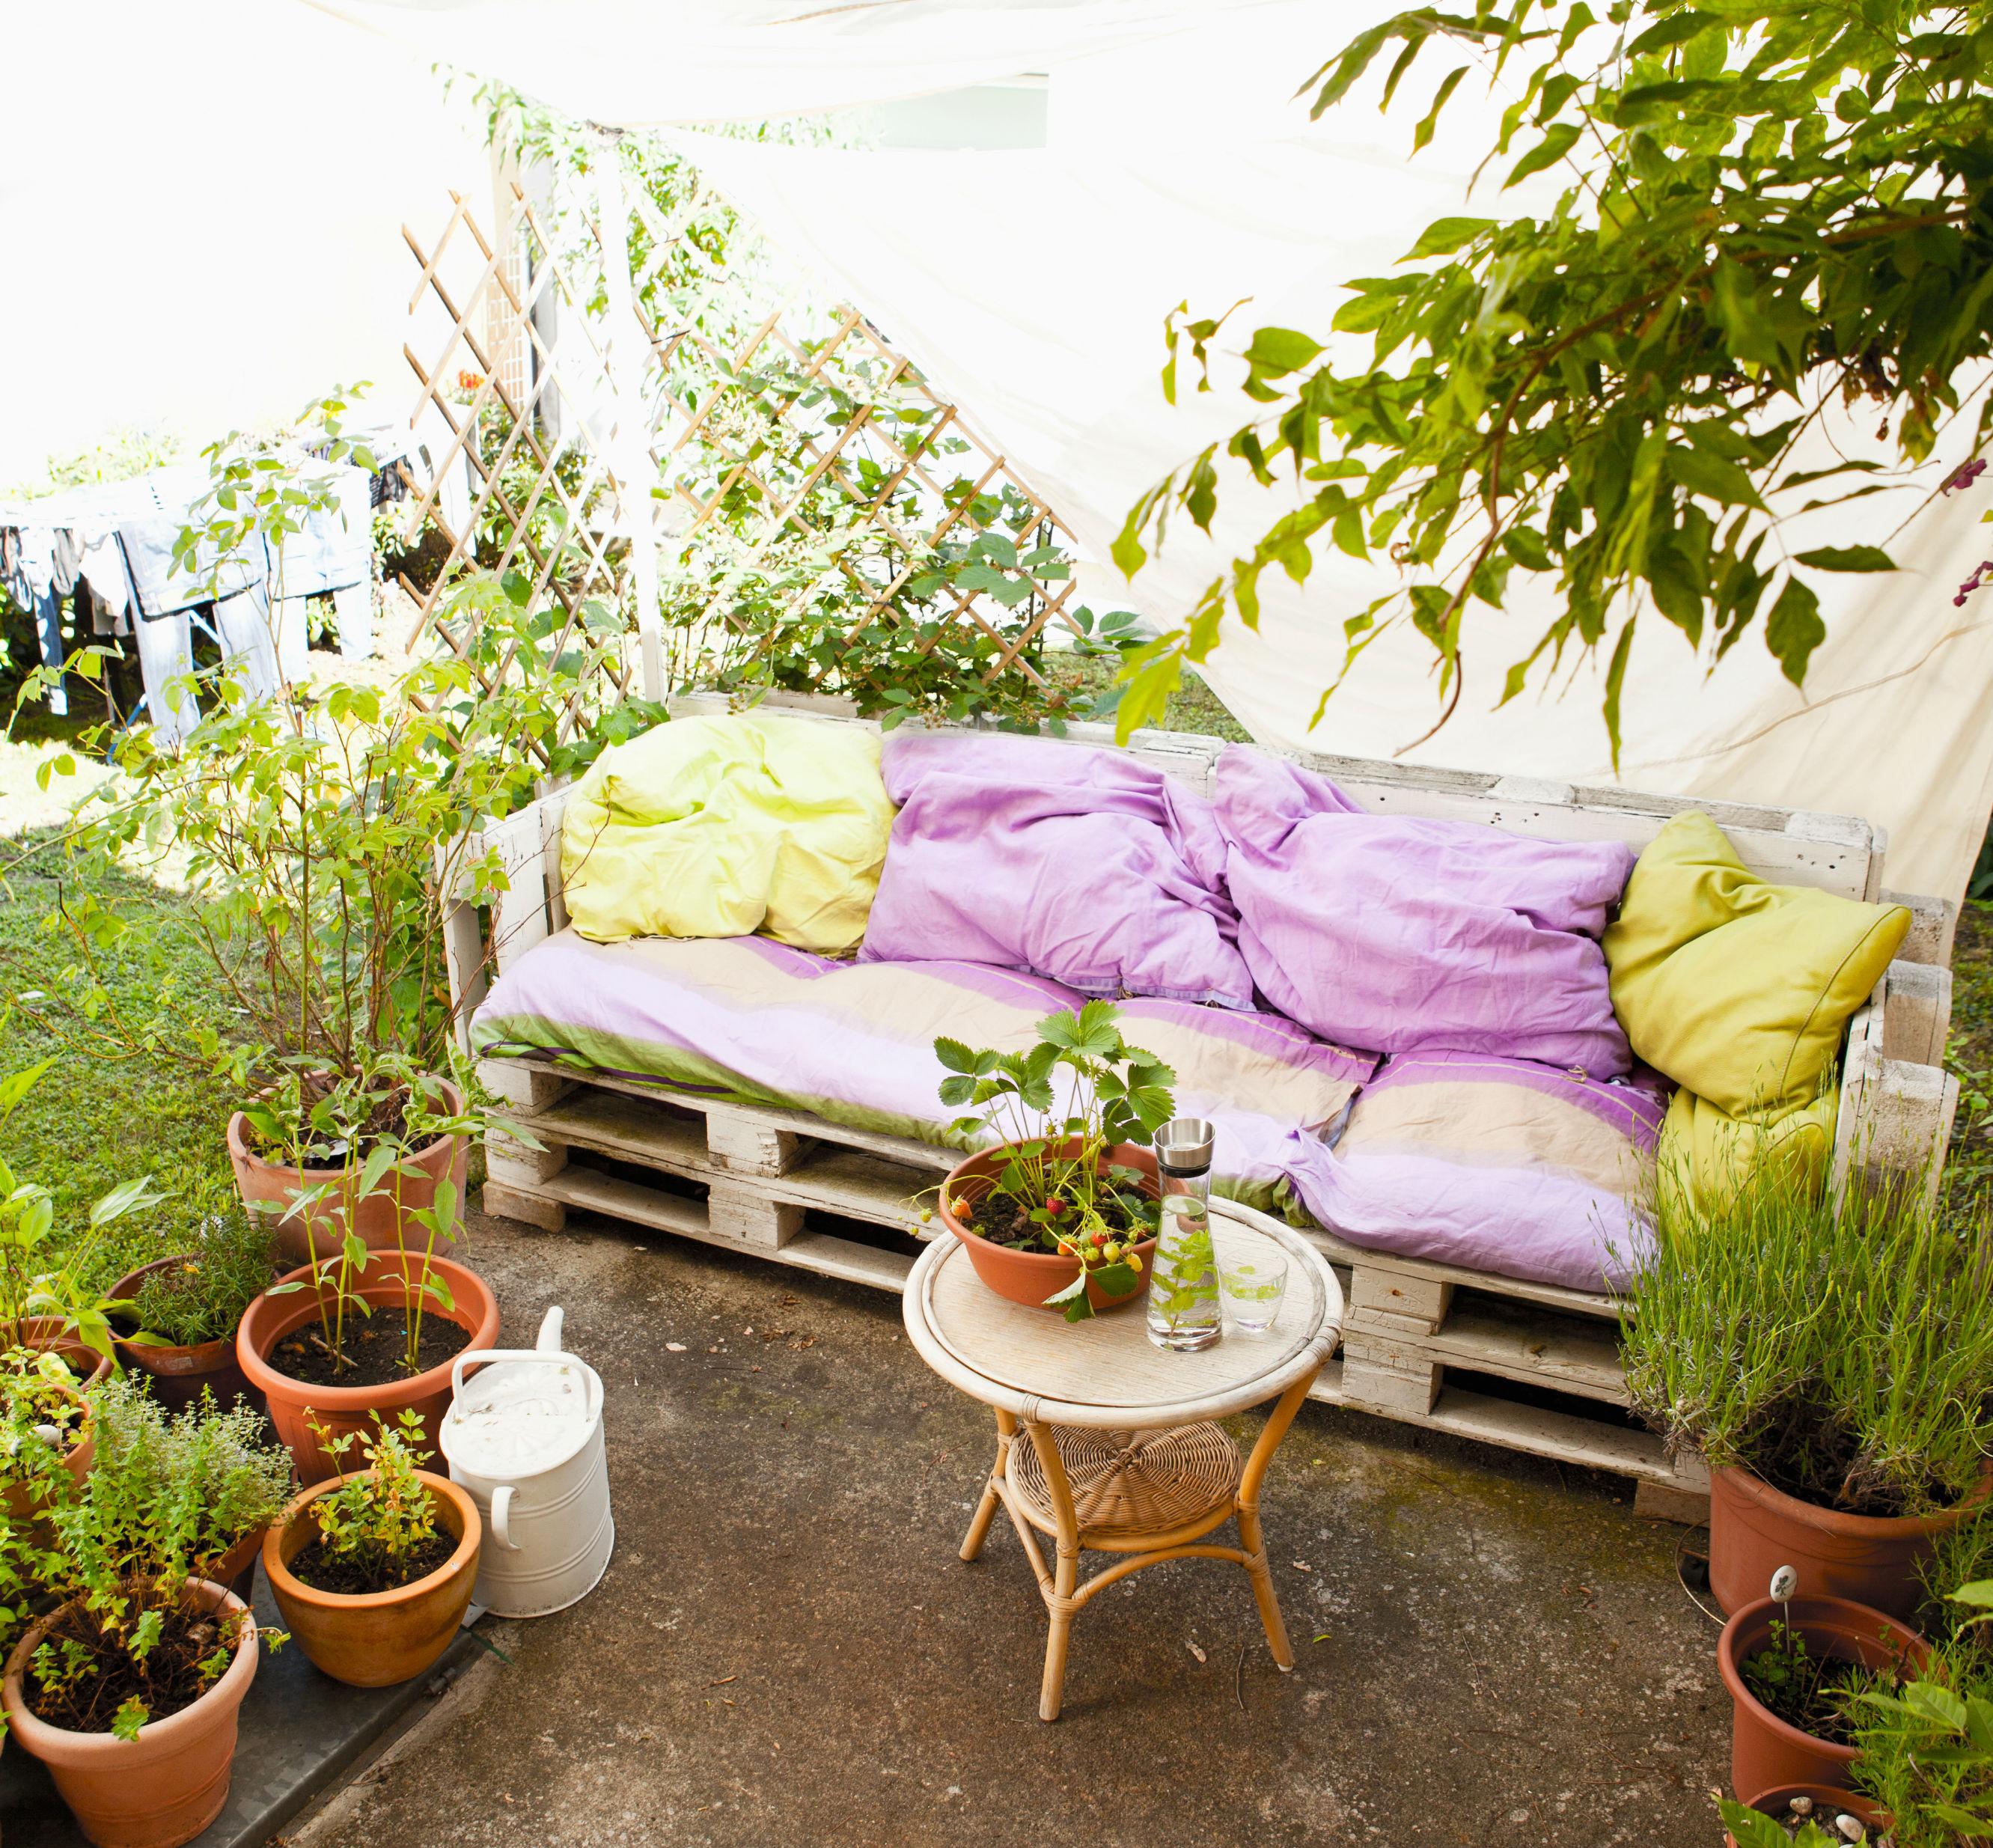 Poduchy Na Meble Ogrodowe Z Palet : Meble ogrodowe z palet  5 stylowych pomysłów  Claudia